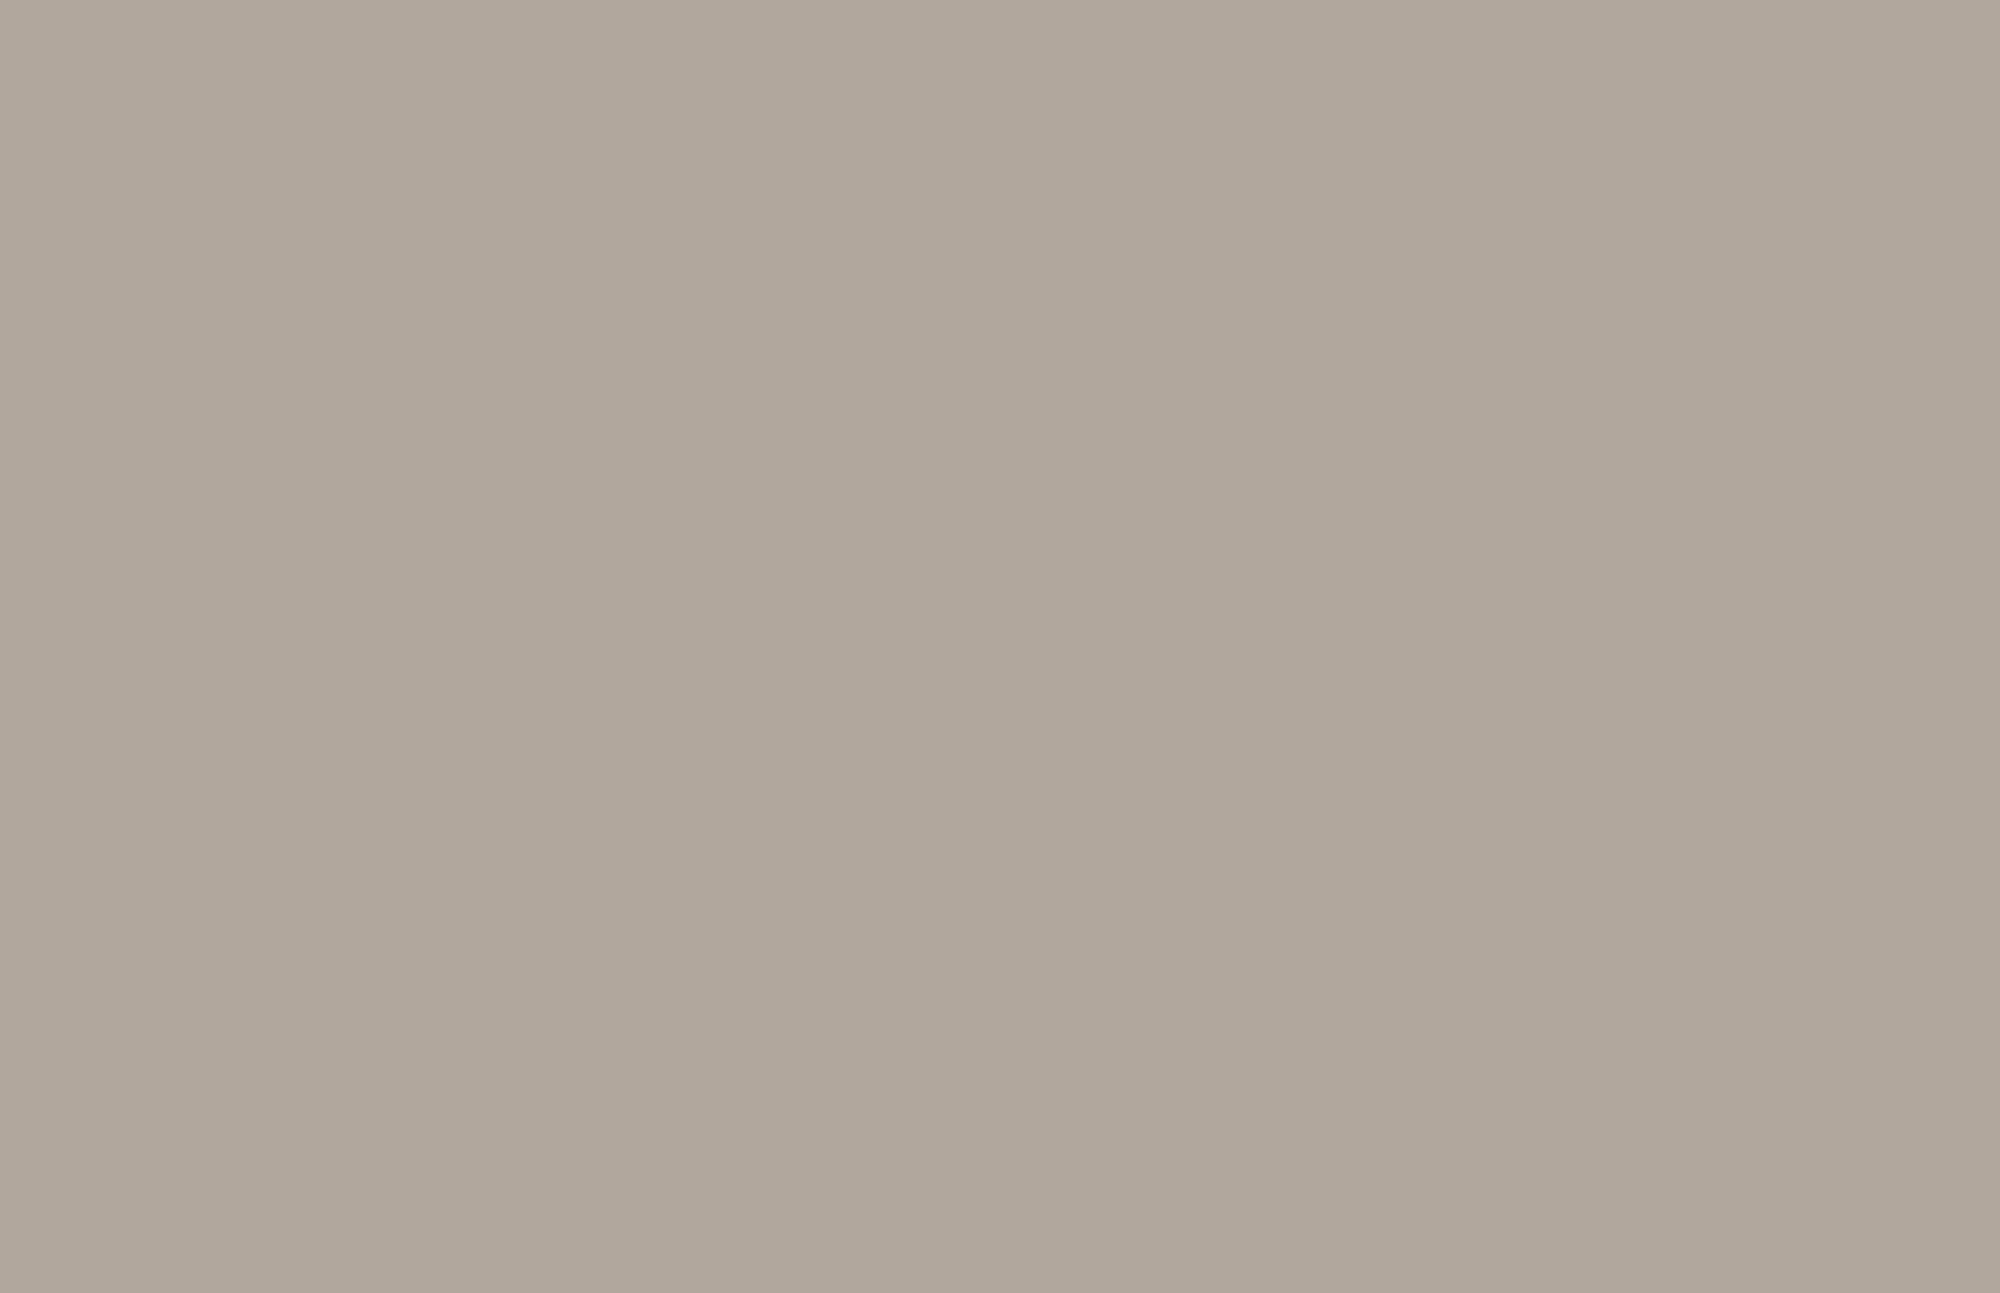 Philips Avent SCF194/01 tettarella ciliegina